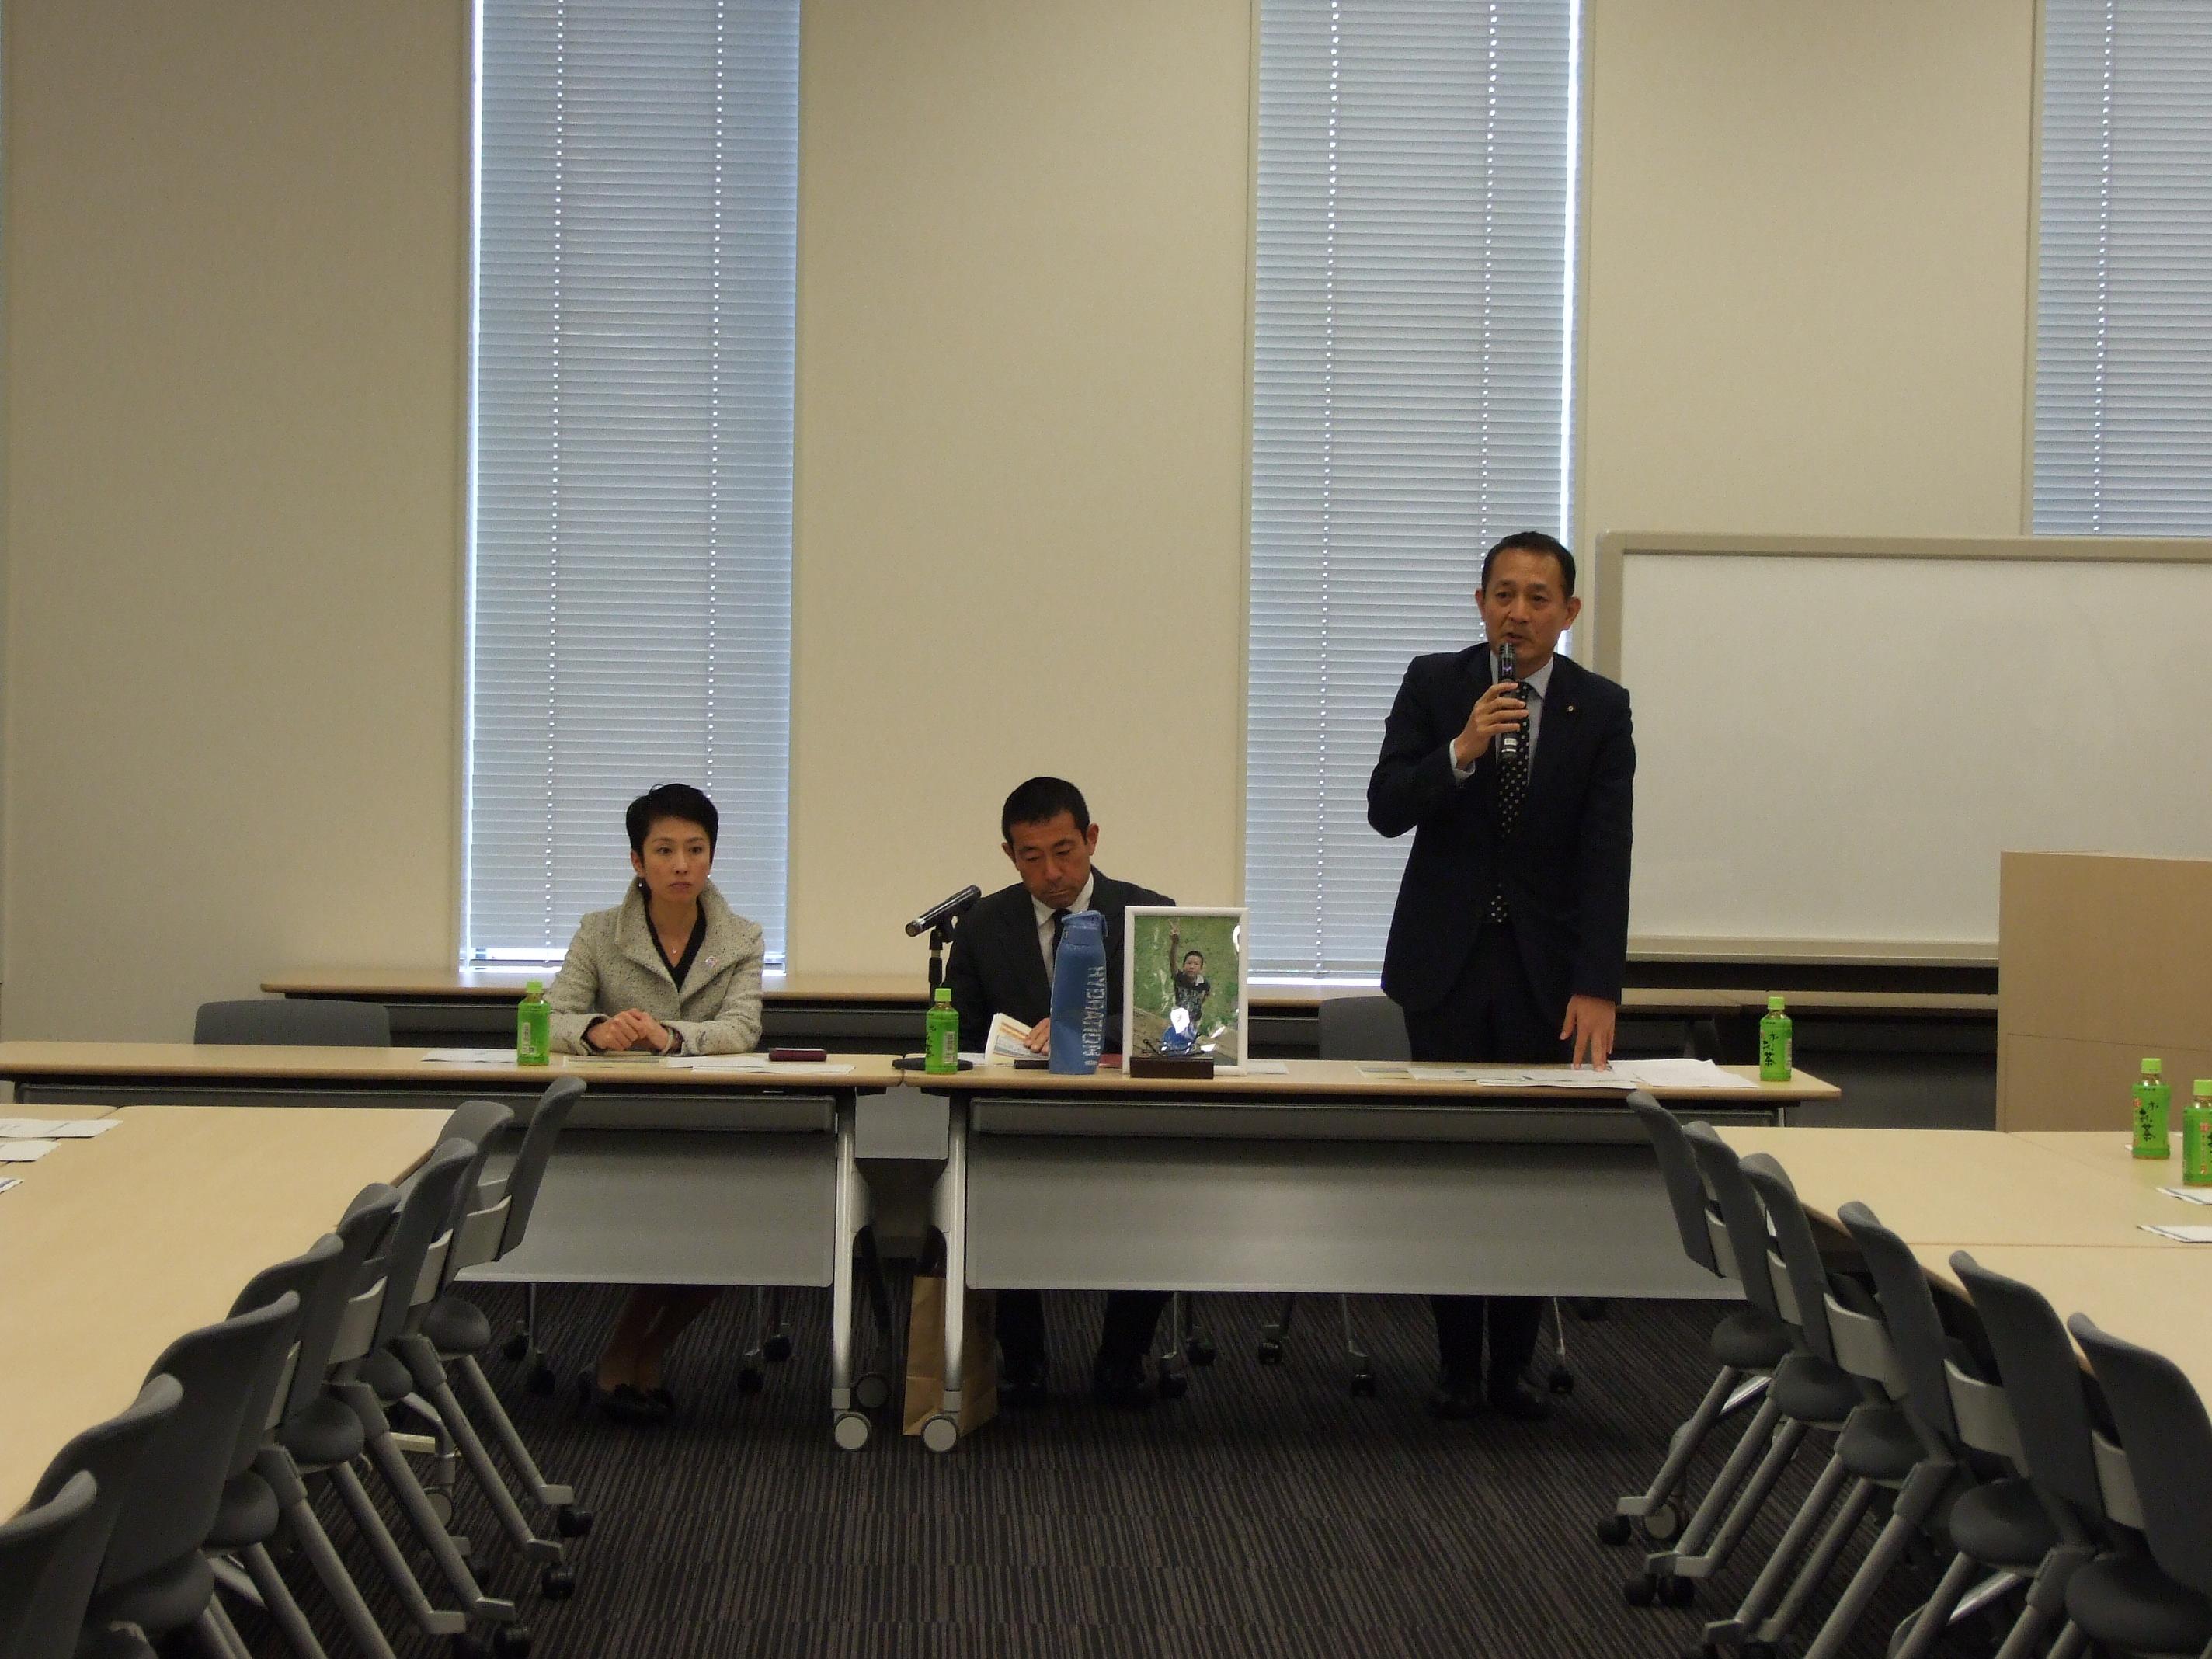 則竹崇智さんを招いての通学安全議連総会を開催。